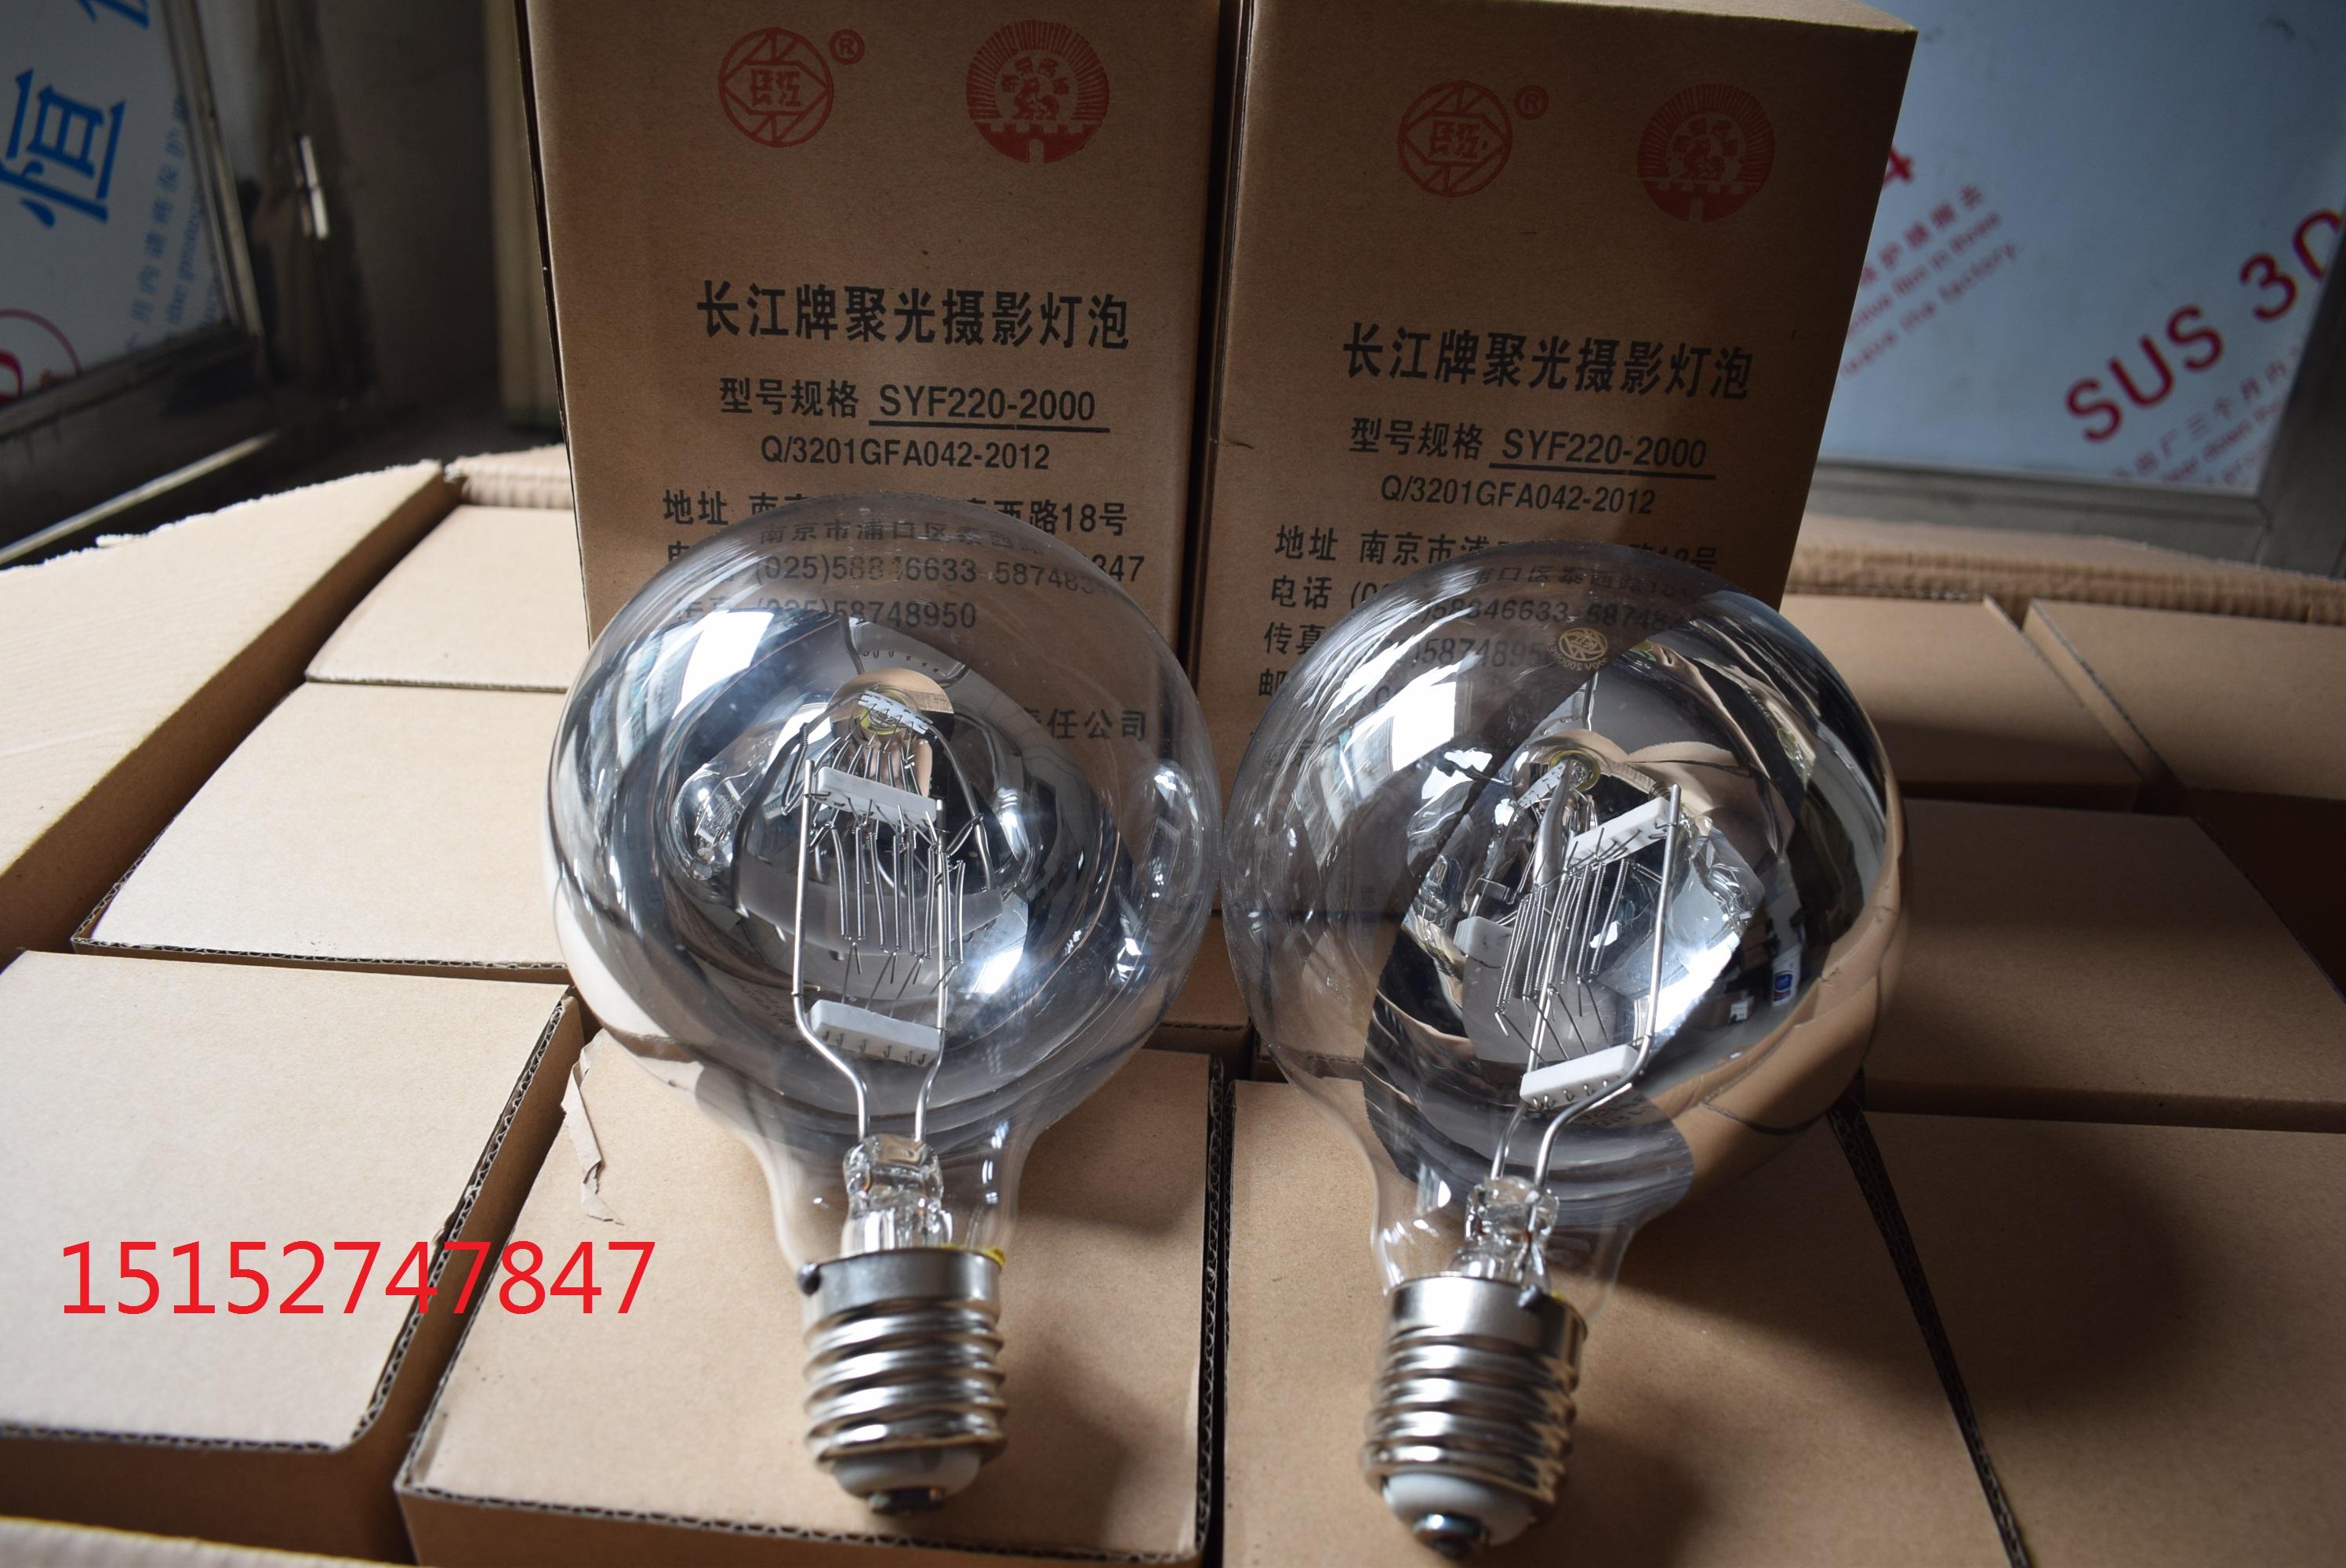 Этап освещение 2000w отражение пузырь , полупрозрачная лампочка , возвращение светящаяся лампа лампочка , этап лампочка отражение пузырь